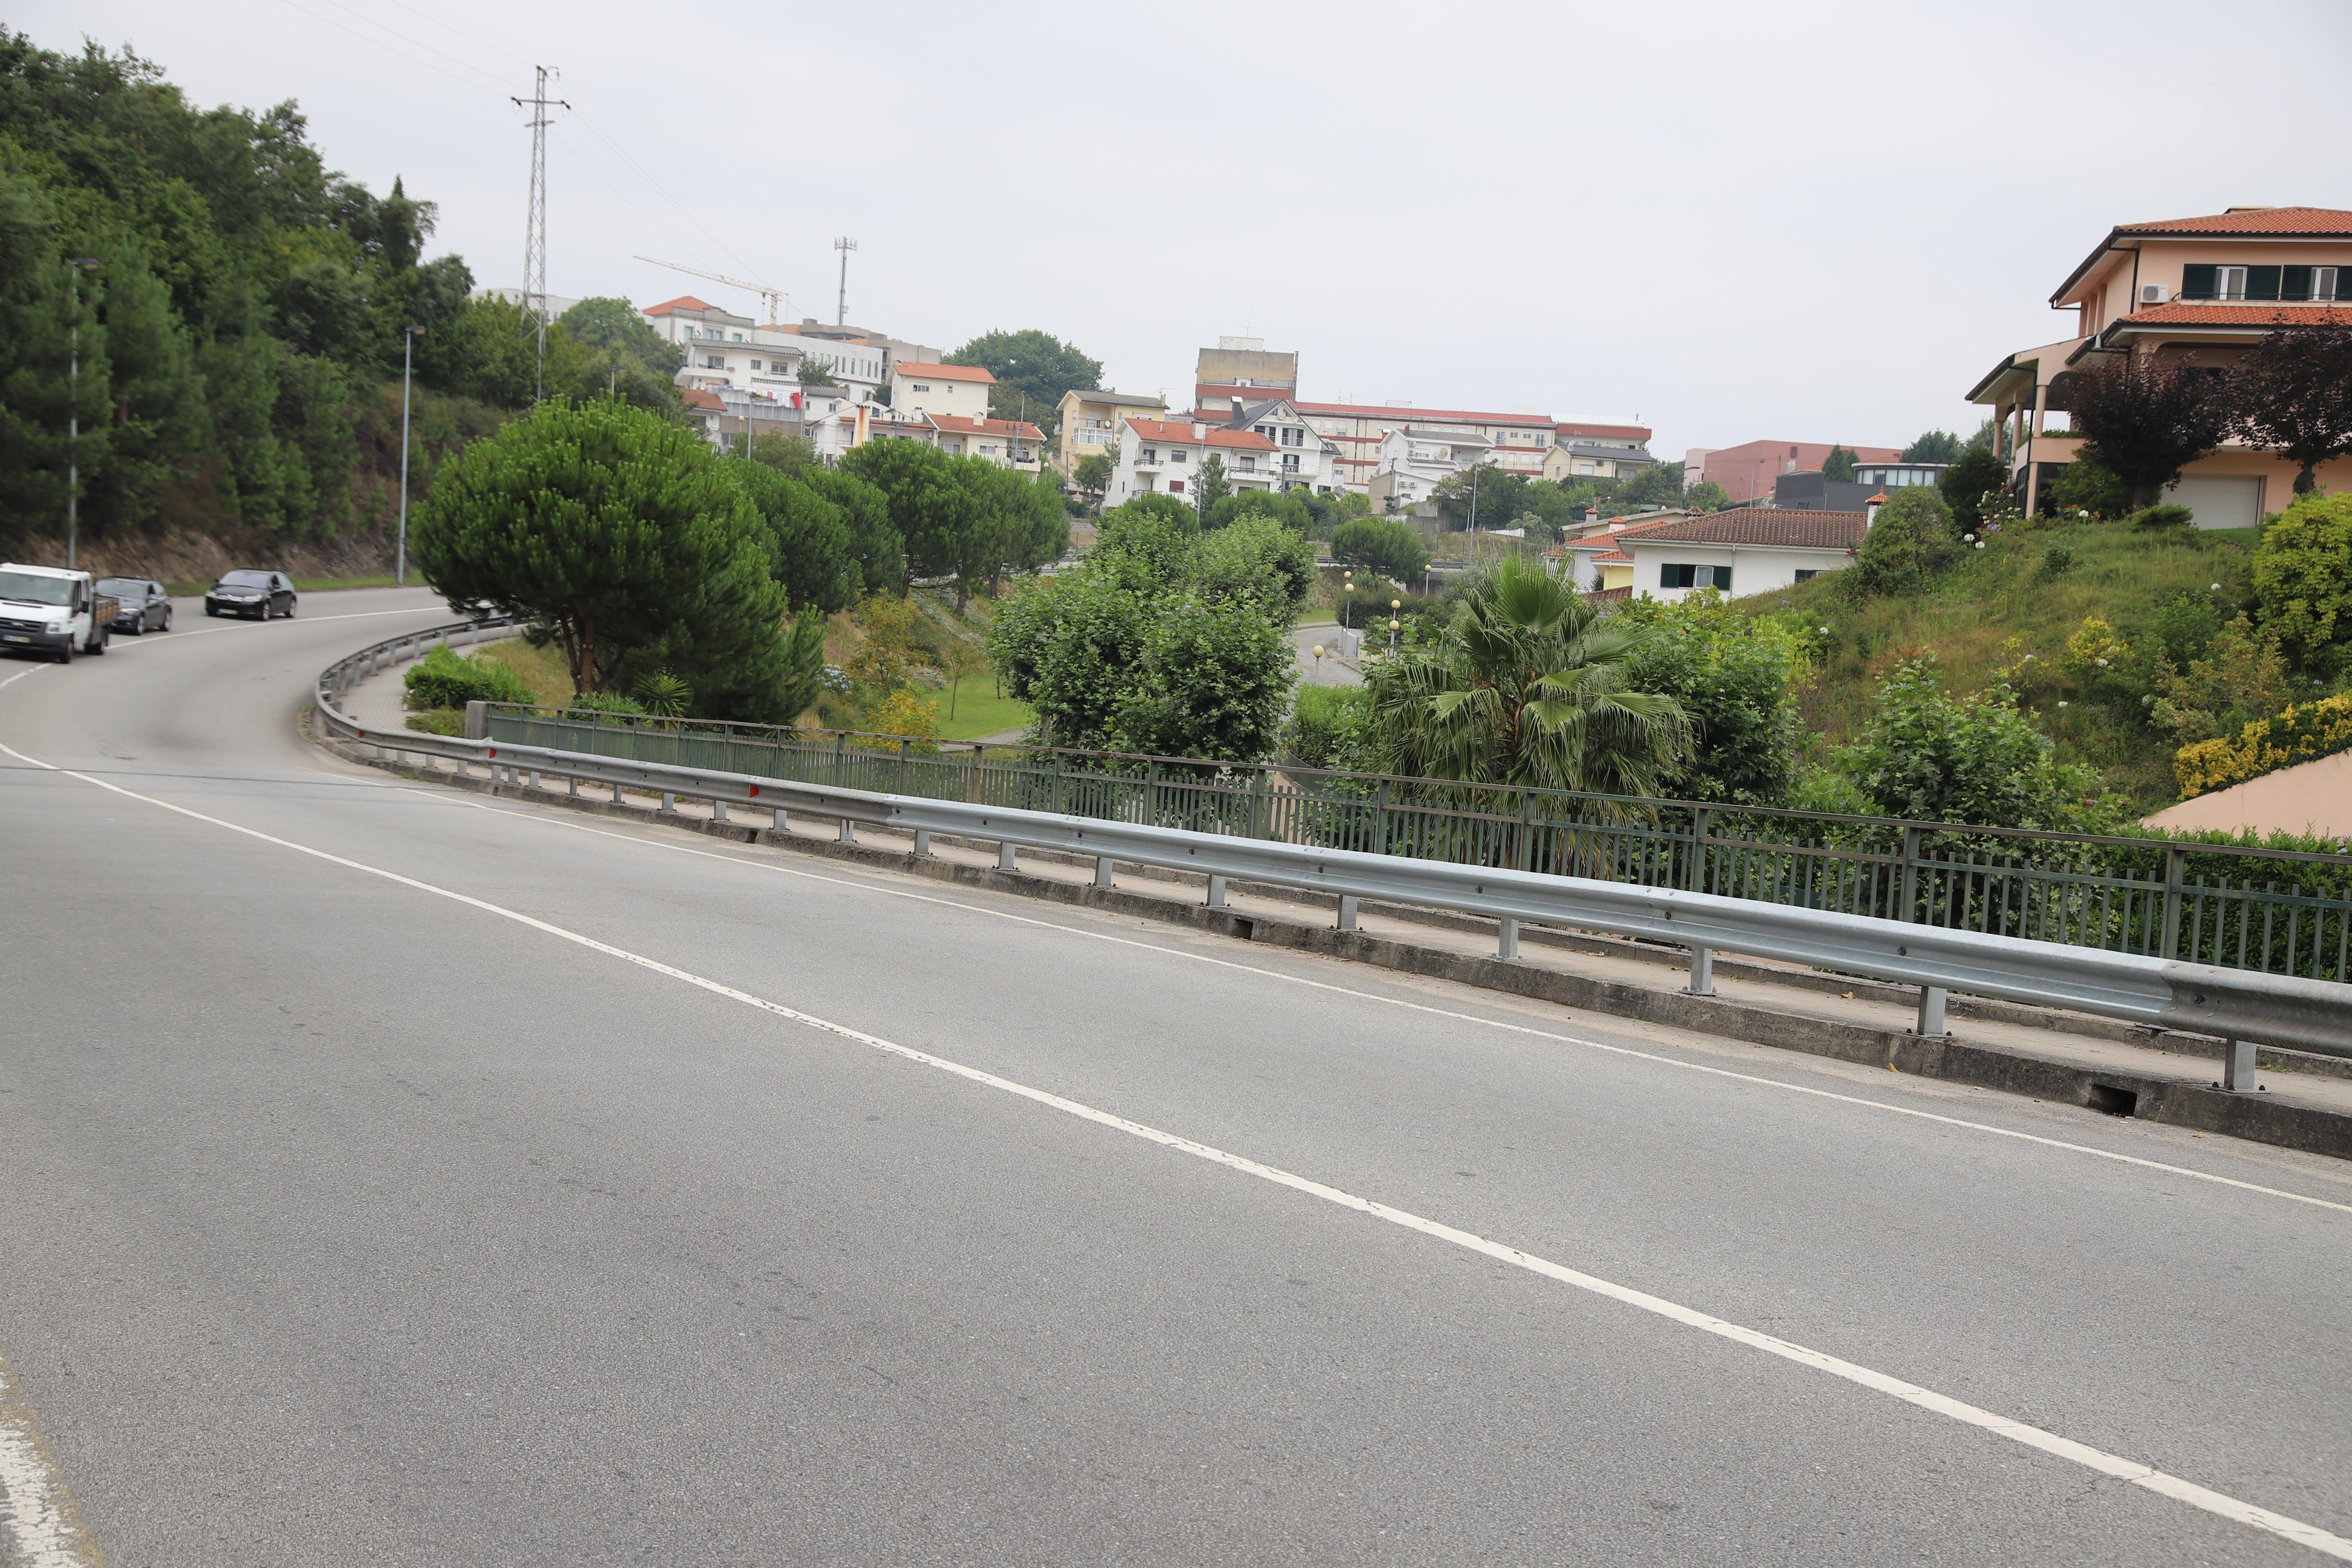 Câmara substituiu juntas de dilatação e rails da ponte da Circular Urbana sobre o Rio Vizela